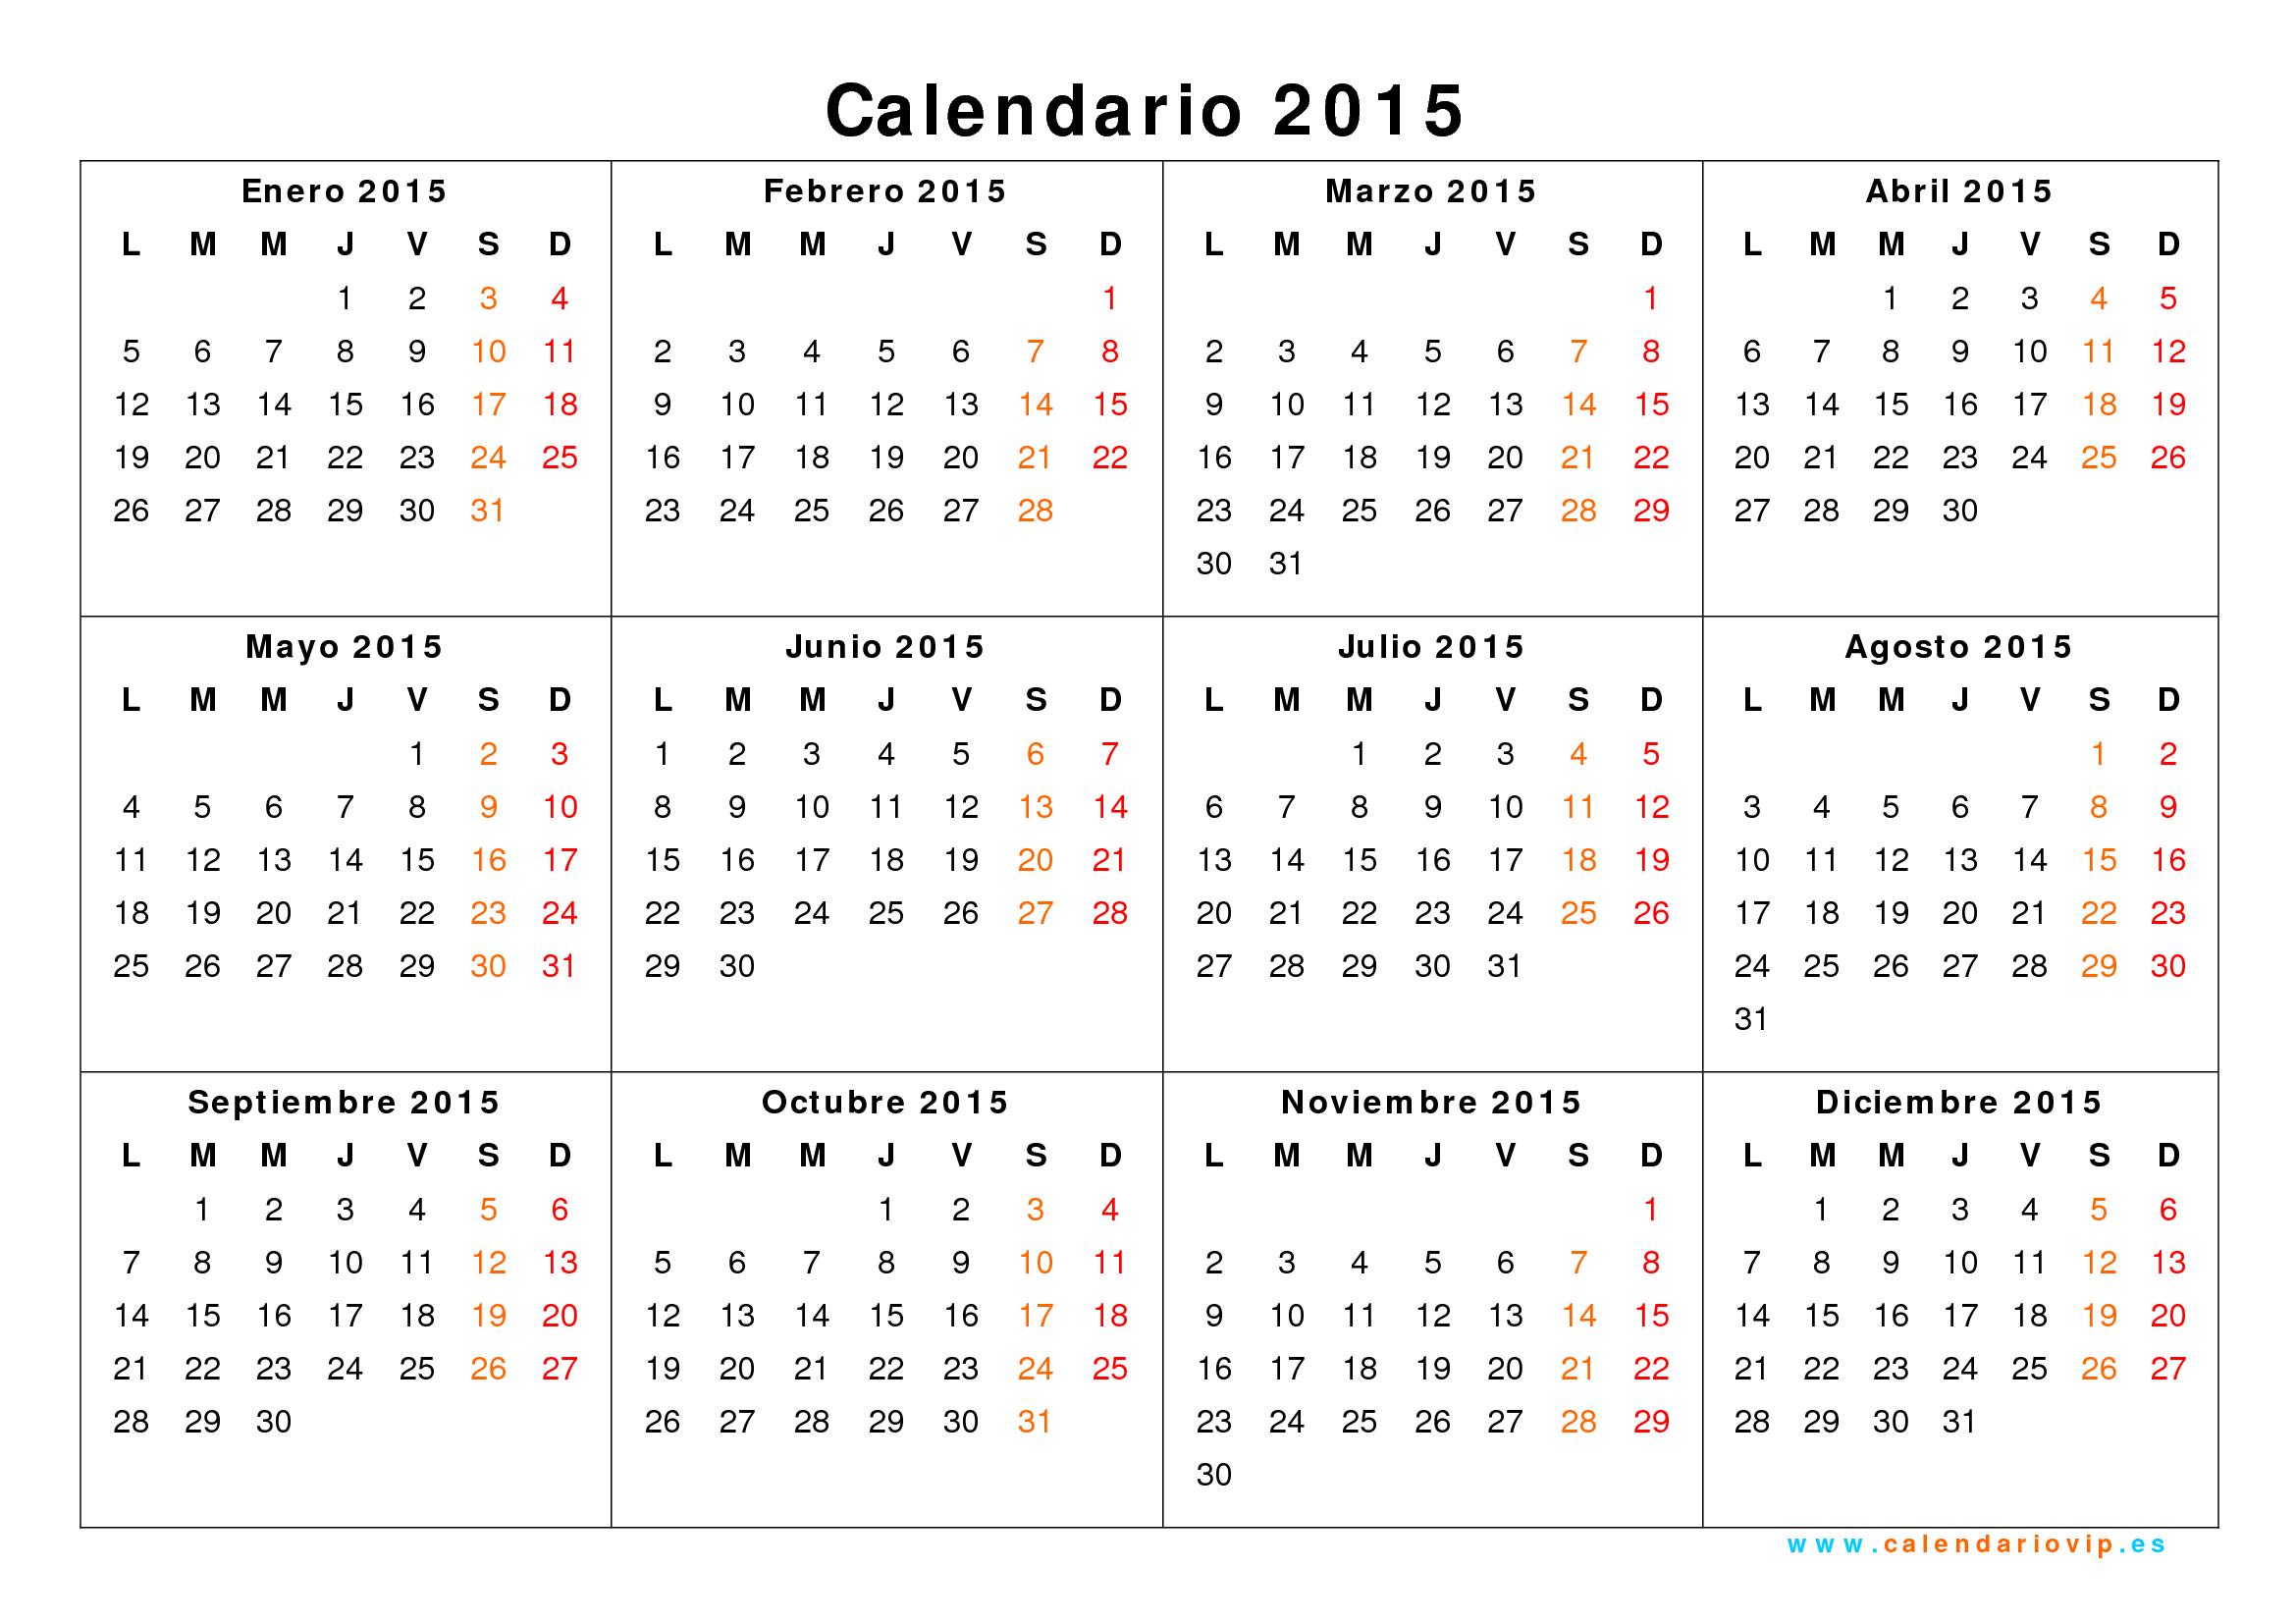 calendario 2015 y 2018 para imprimir - Boat.jeremyeaton.co